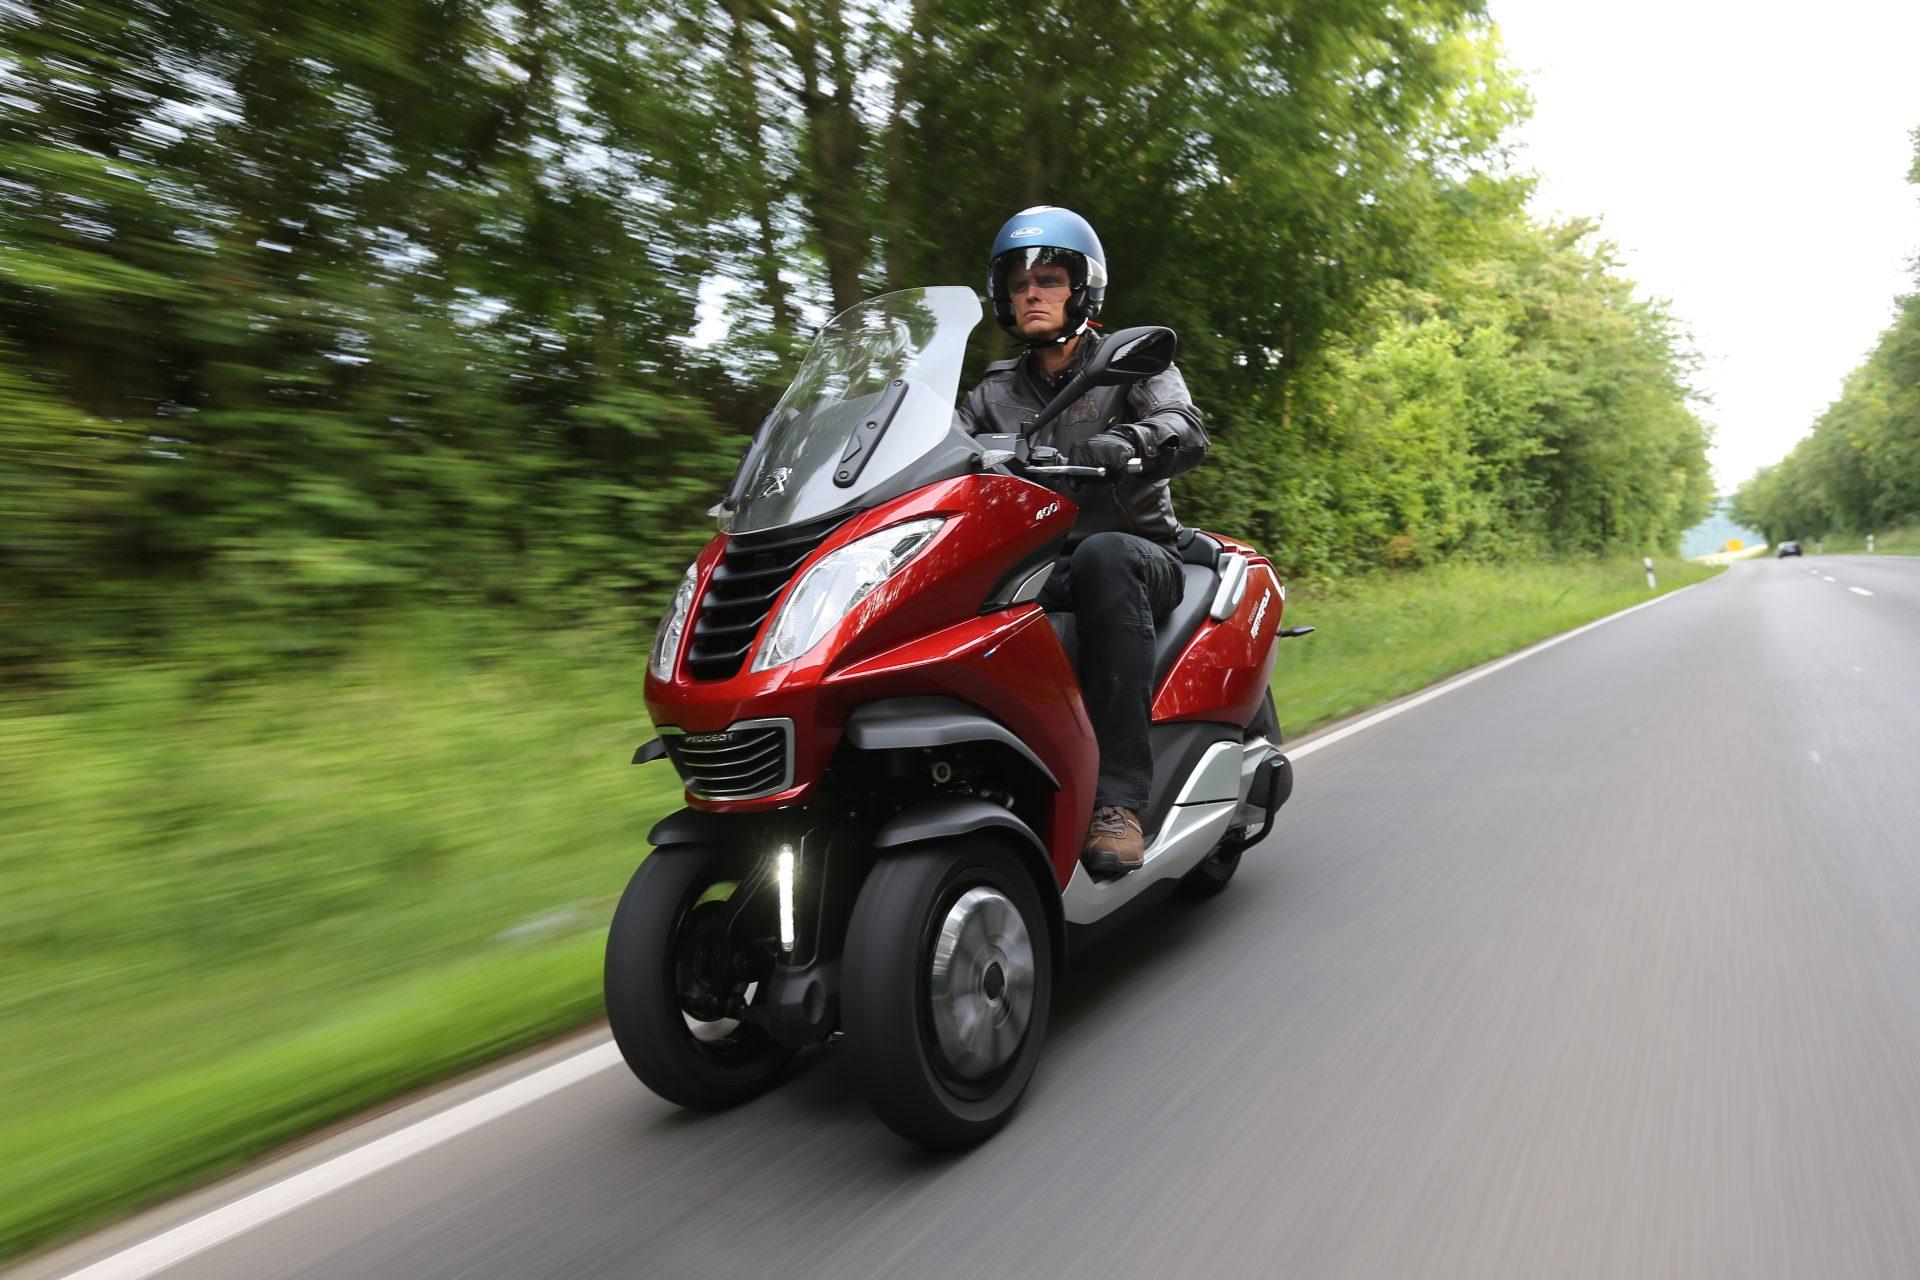 Nicht nur in S-Kurven besticht ein solches Drei-Rad-Gefährt durch gute Straßenlage und hohe Laufkultur. Der Vorzug der zweifachen Vorderradführung mit doppelter Reifenaufstandsfläche ist die bessere Übertragung der Brems- und Führungskräfte auf den Asphalt. Foto: Peugeot Scooters Deutschland / TRD mobil